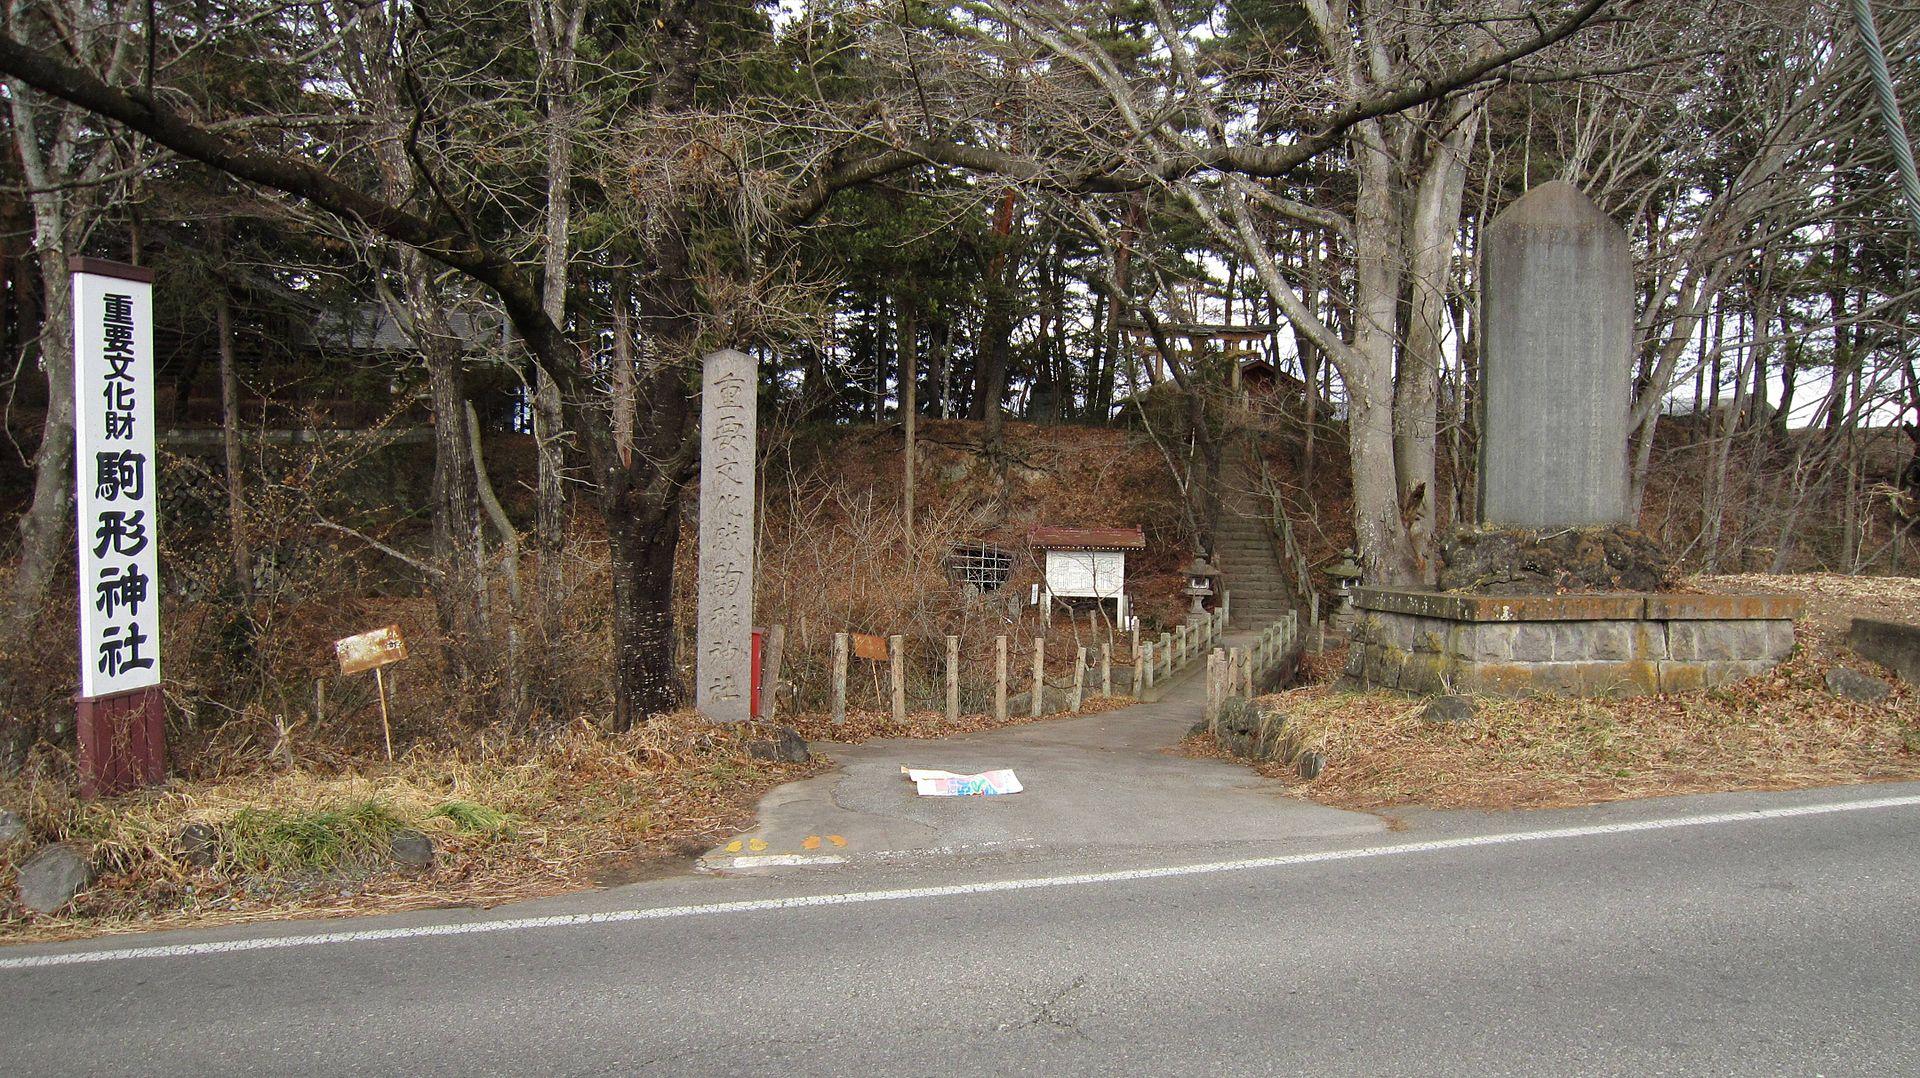 Komagata_Shrine_(Nagano)_entrance.jpg